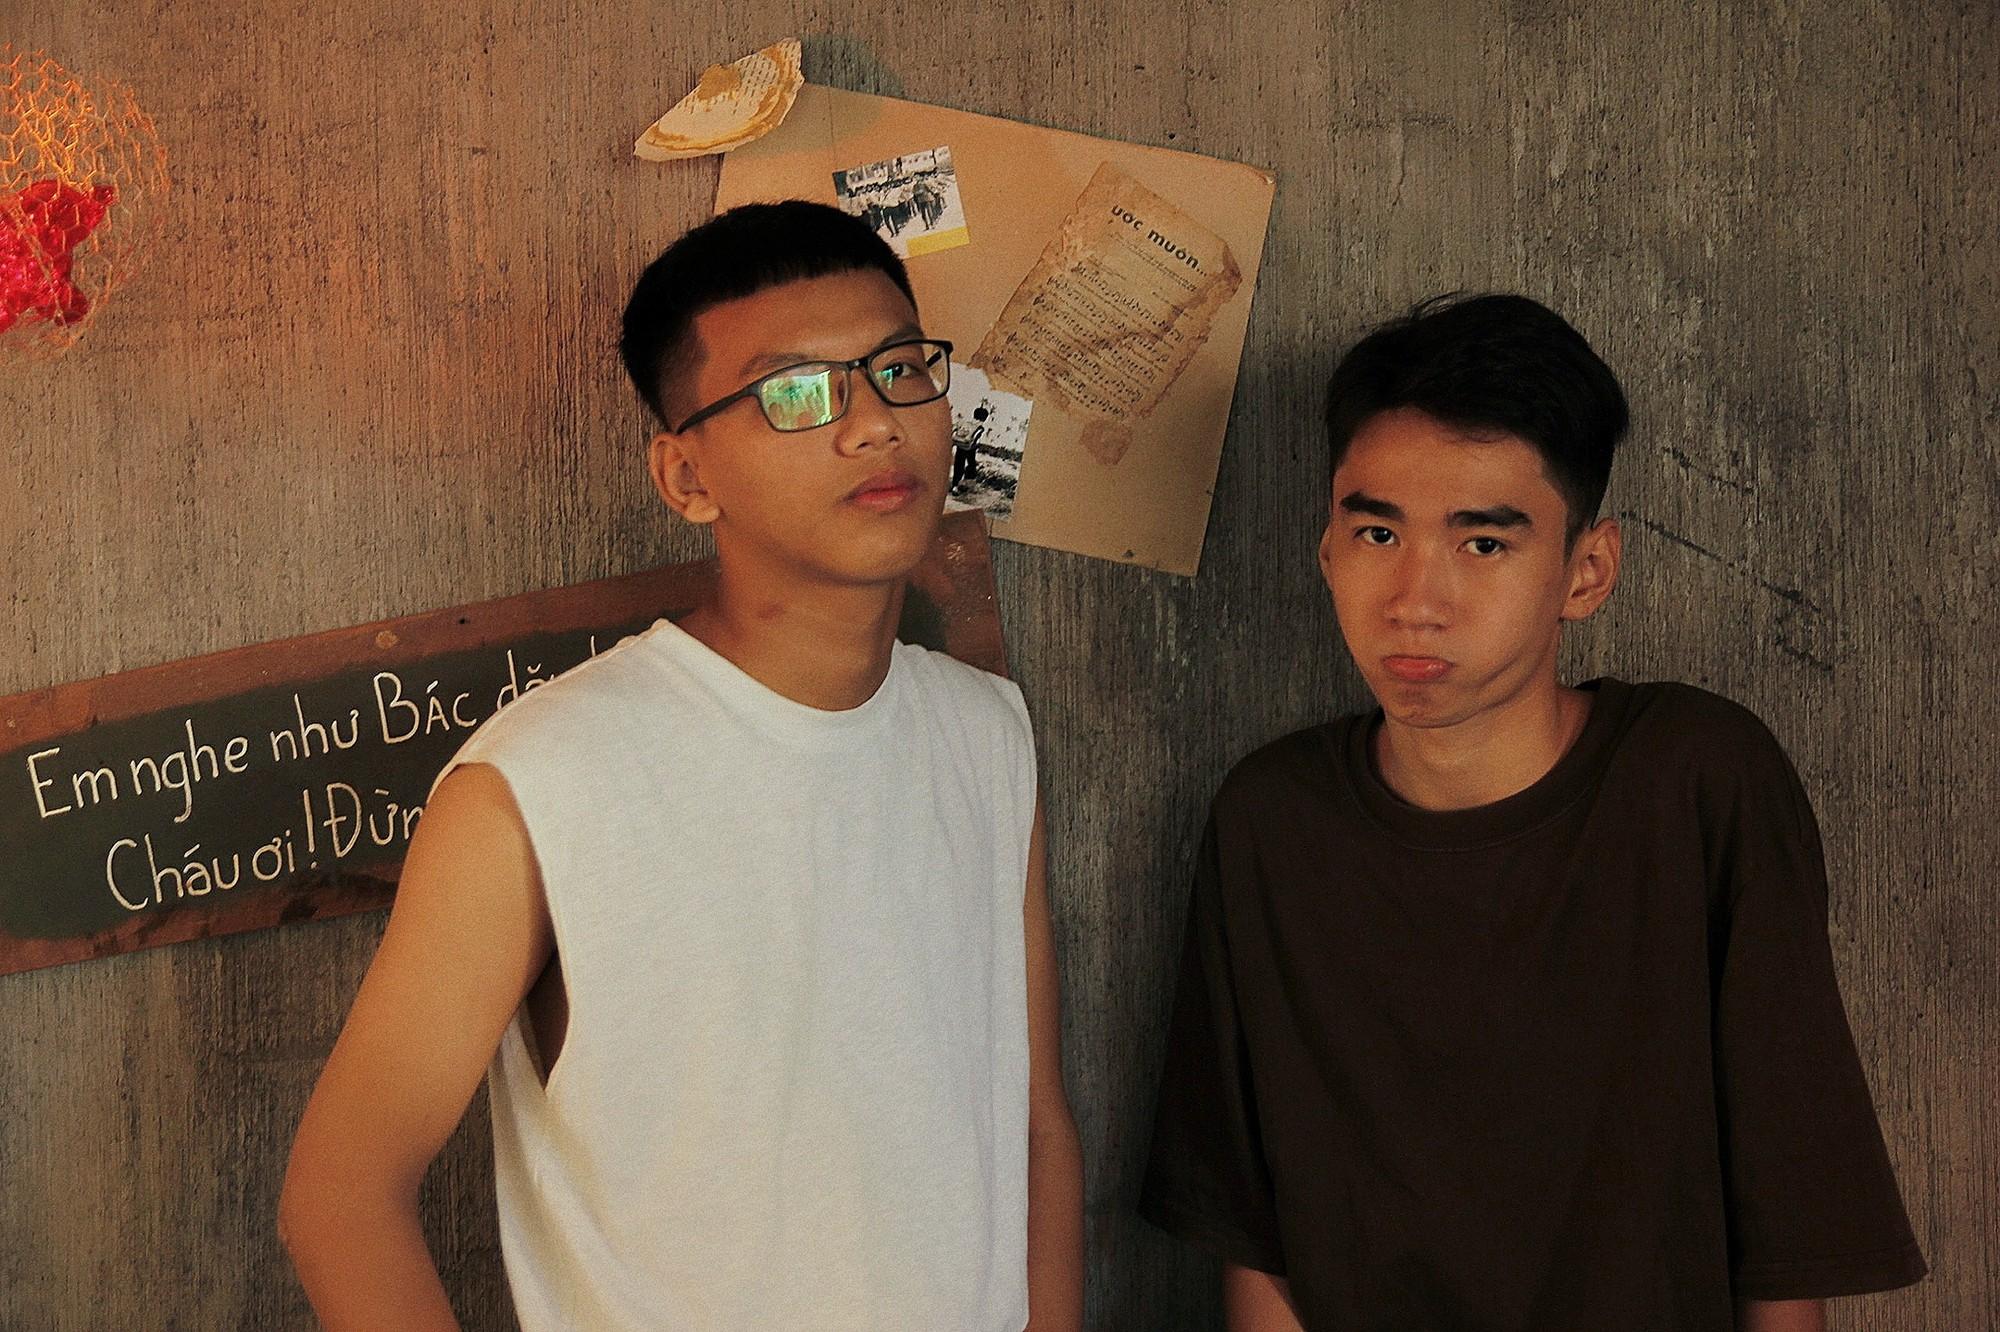 Bộ ảnh rất tình của cặp LGBT điển trai khiến cộng đồng mạng thổn thức - Ảnh 7.